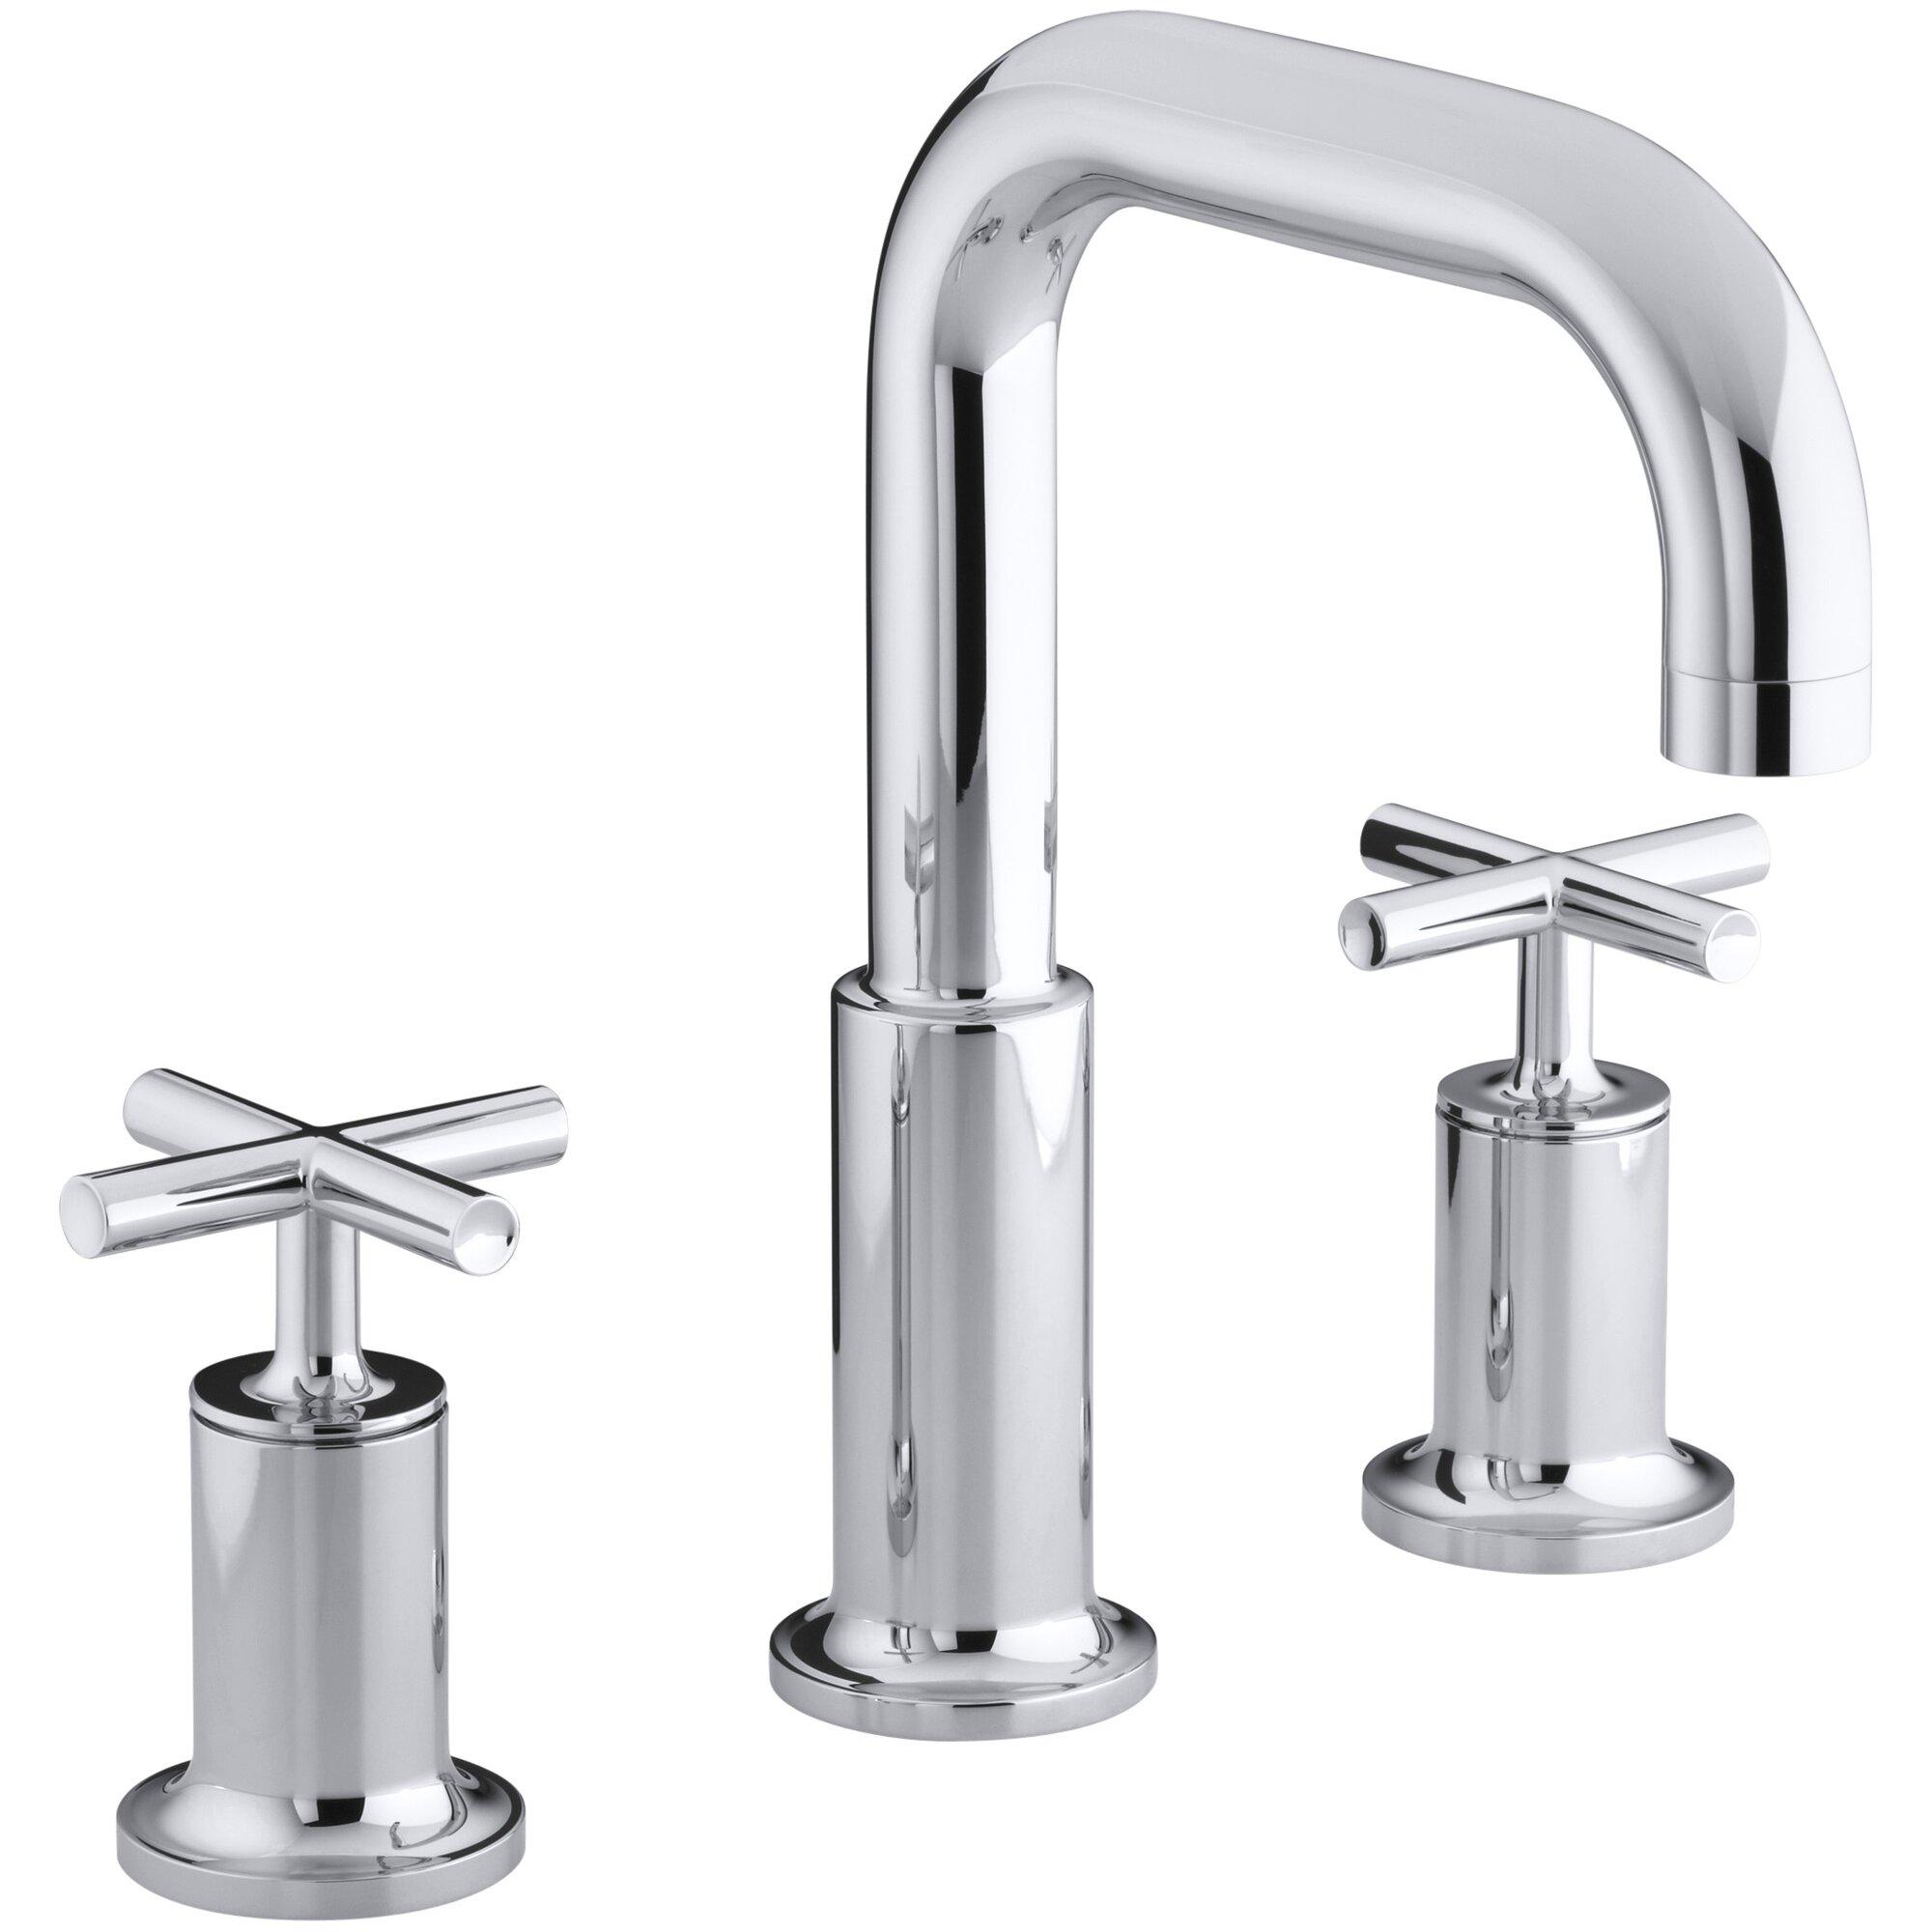 Cross Handle Bathroom Faucet Kohler Purist Deck Mount Bath Faucet Trim For High Flow Valve With